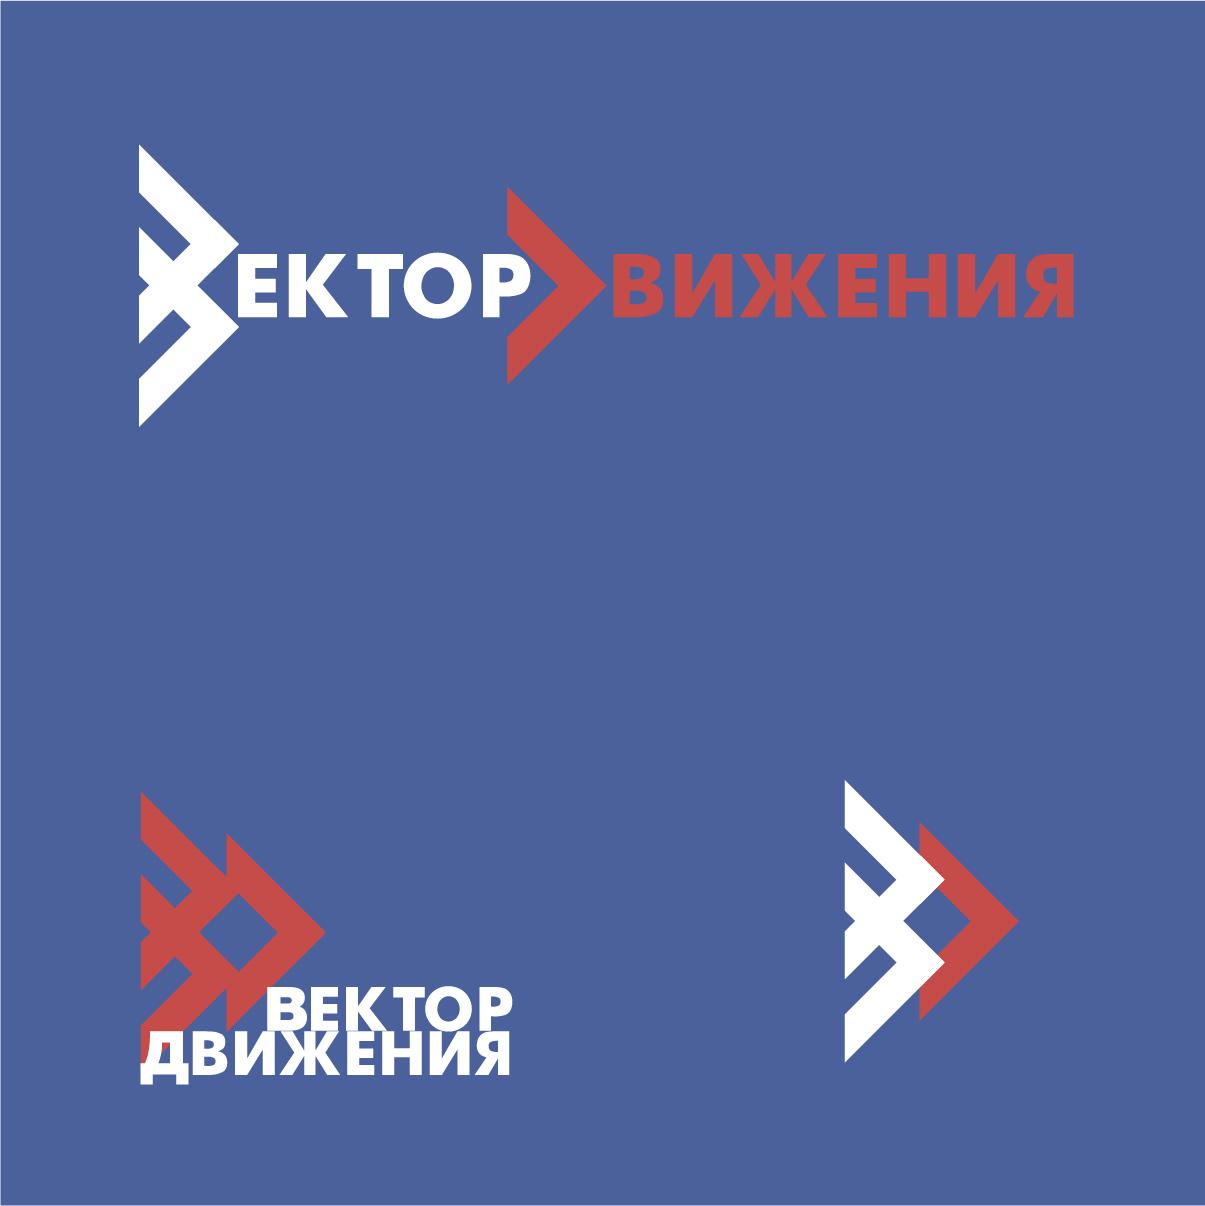 Разработка логотипа фото f_4705c2b7867d3104.jpg